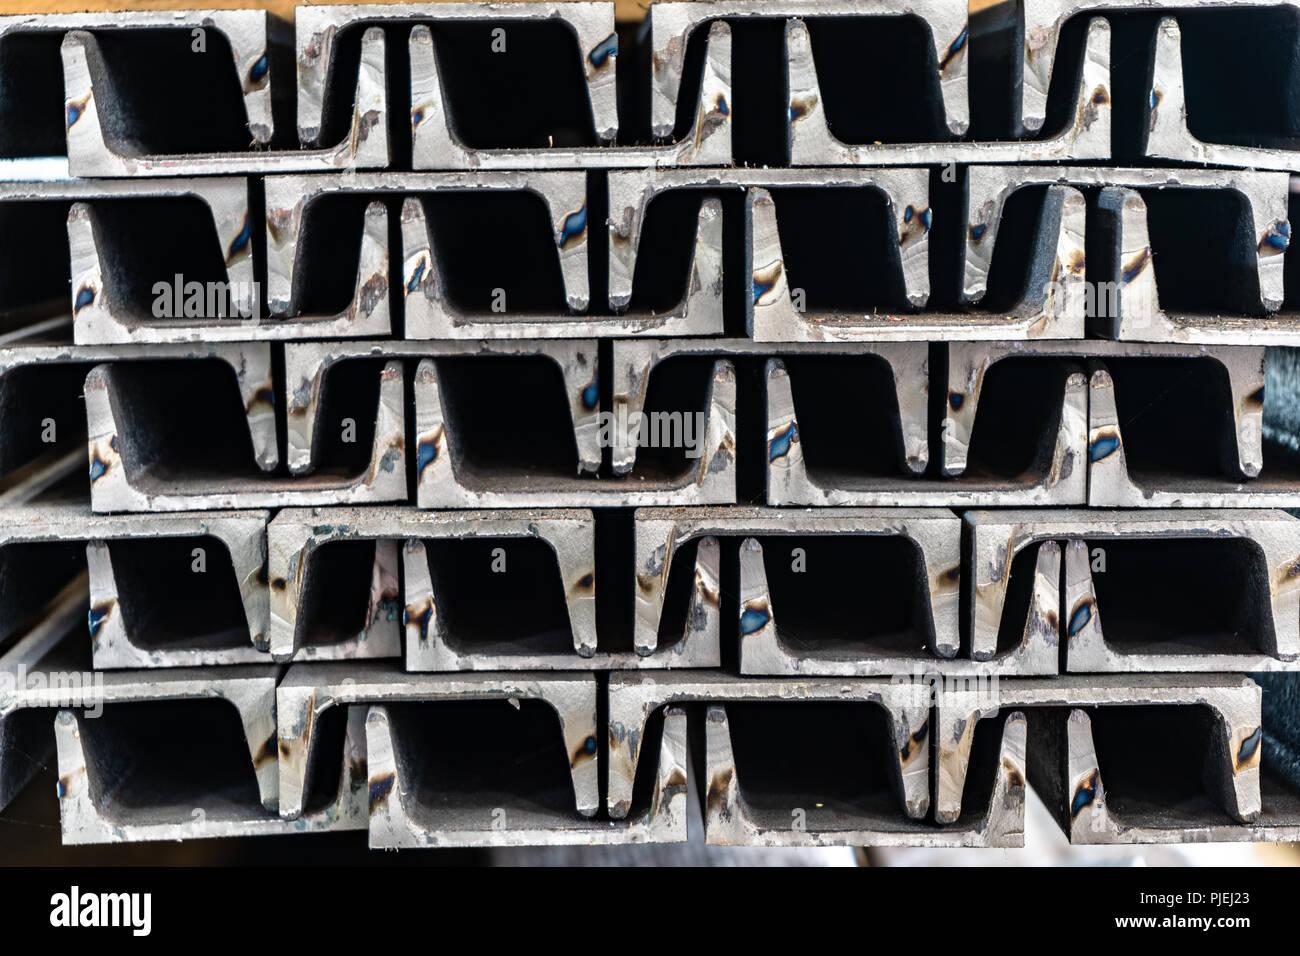 Canales de acero apilados en un patrón entrelazado Imagen De Stock